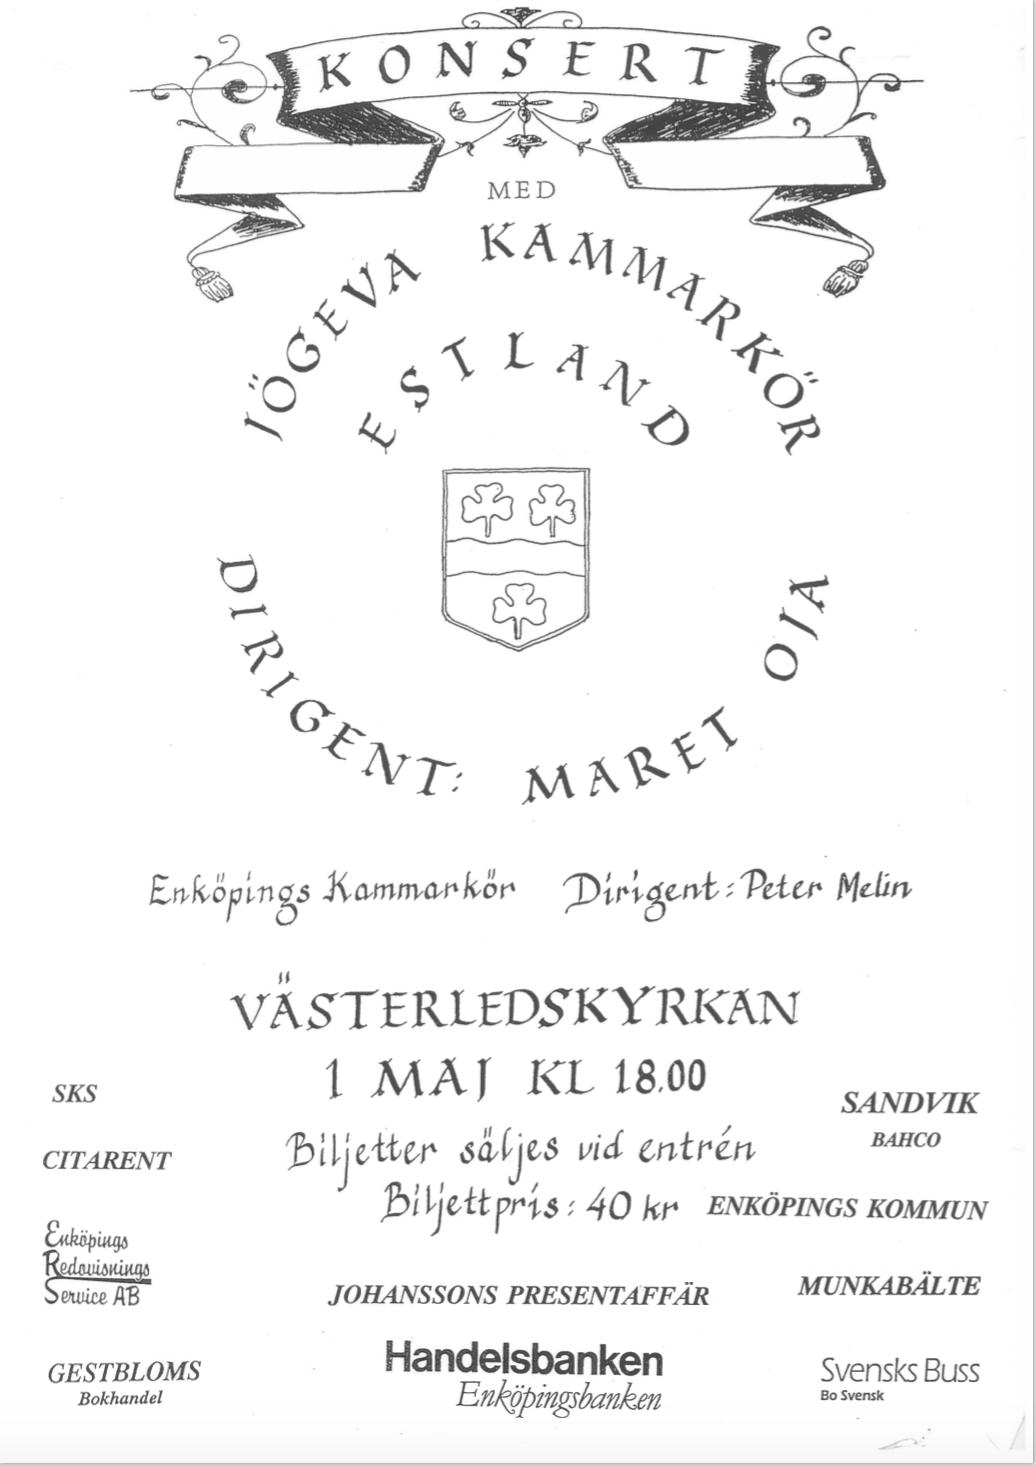 1992-affisch-konsert-med-jogeva-kammarkor-och-enkopings-kammarkor